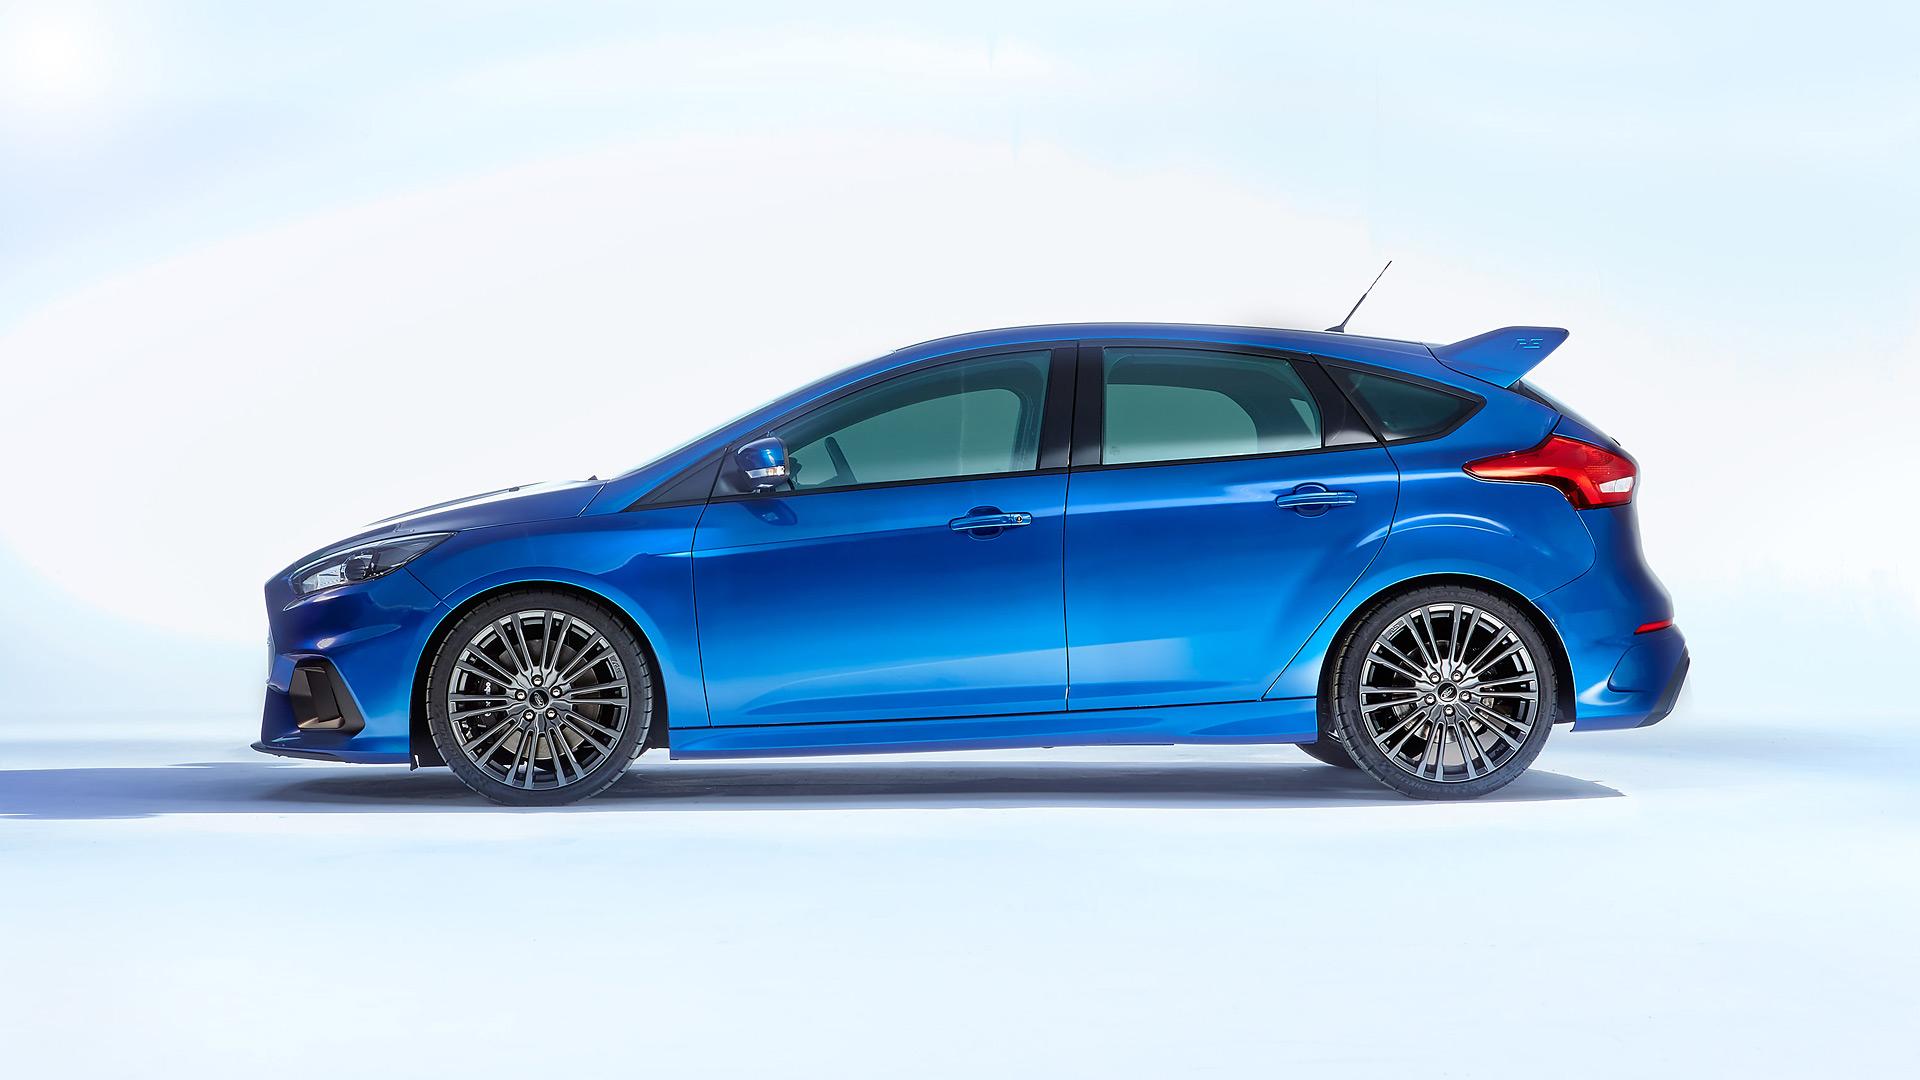 Focus St 0 60 >> 2016 Ford Focus ST Wallpaper - WallpaperSafari